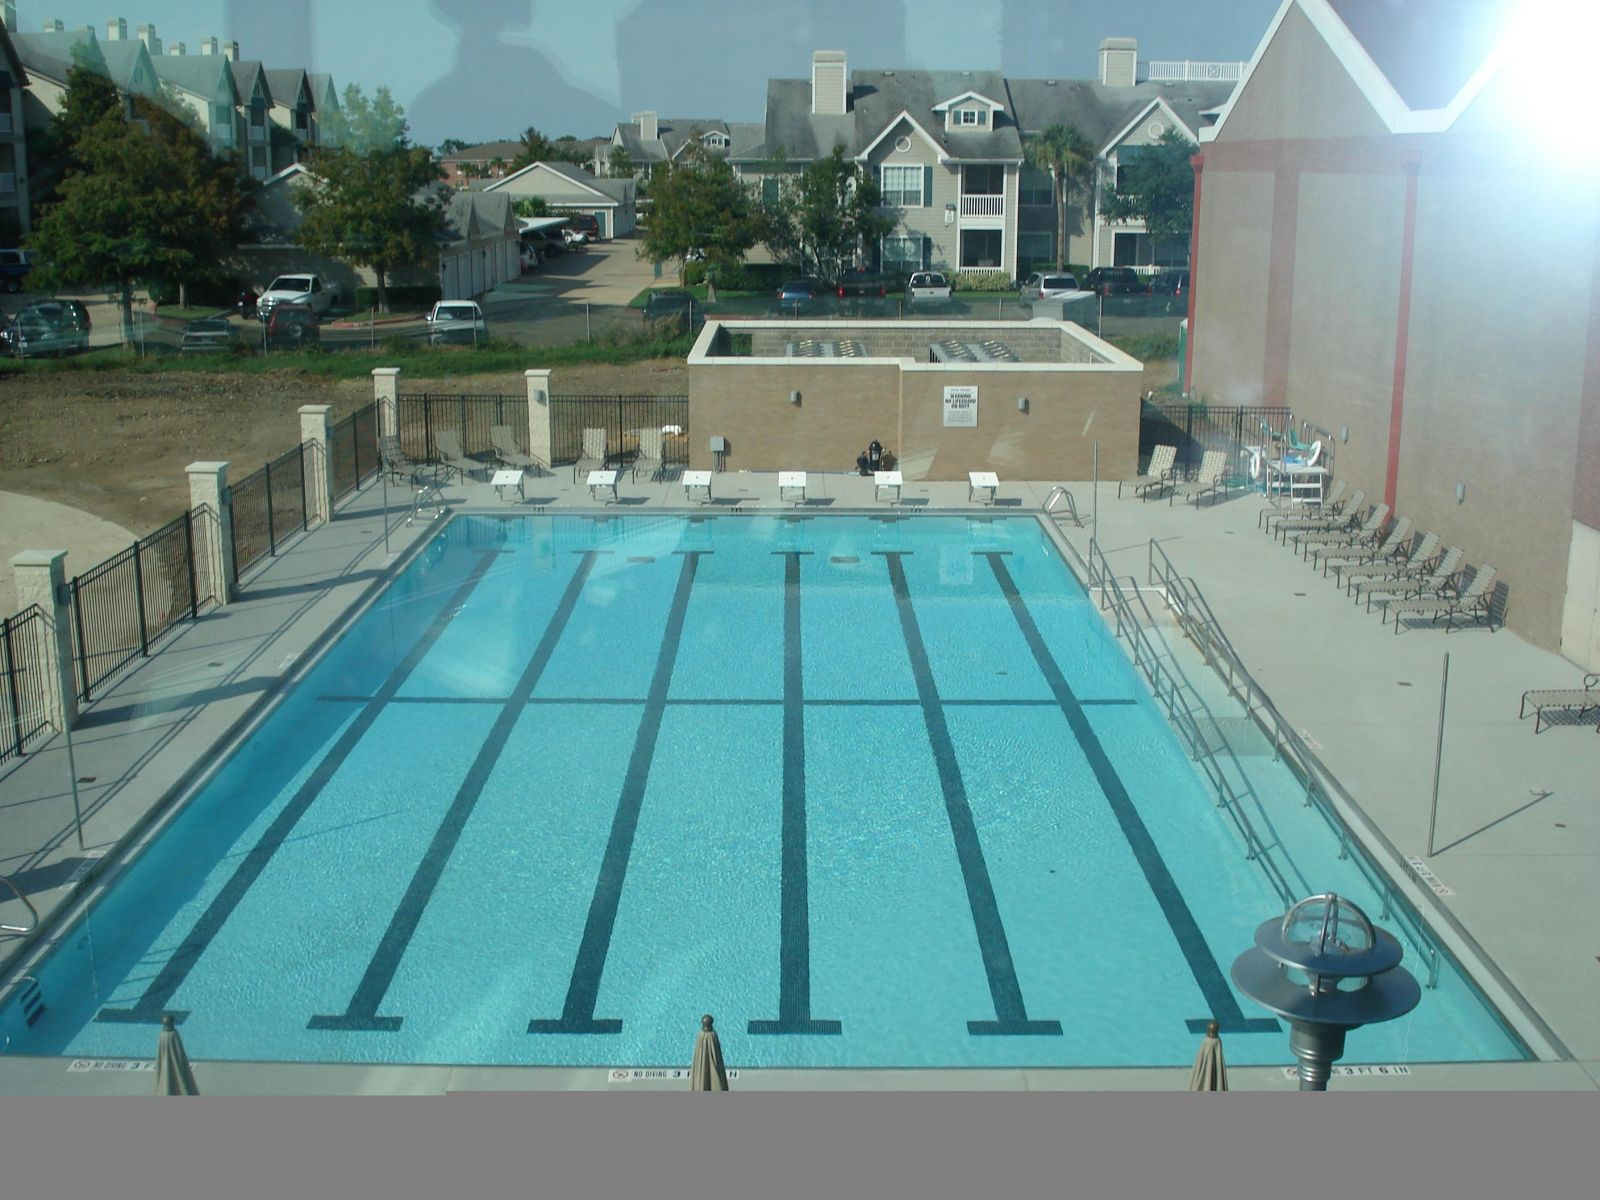 25 Meter Pool In Ct Related Keywords 25 Meter Pool In Ct Long Tail Keywords Keywordsking